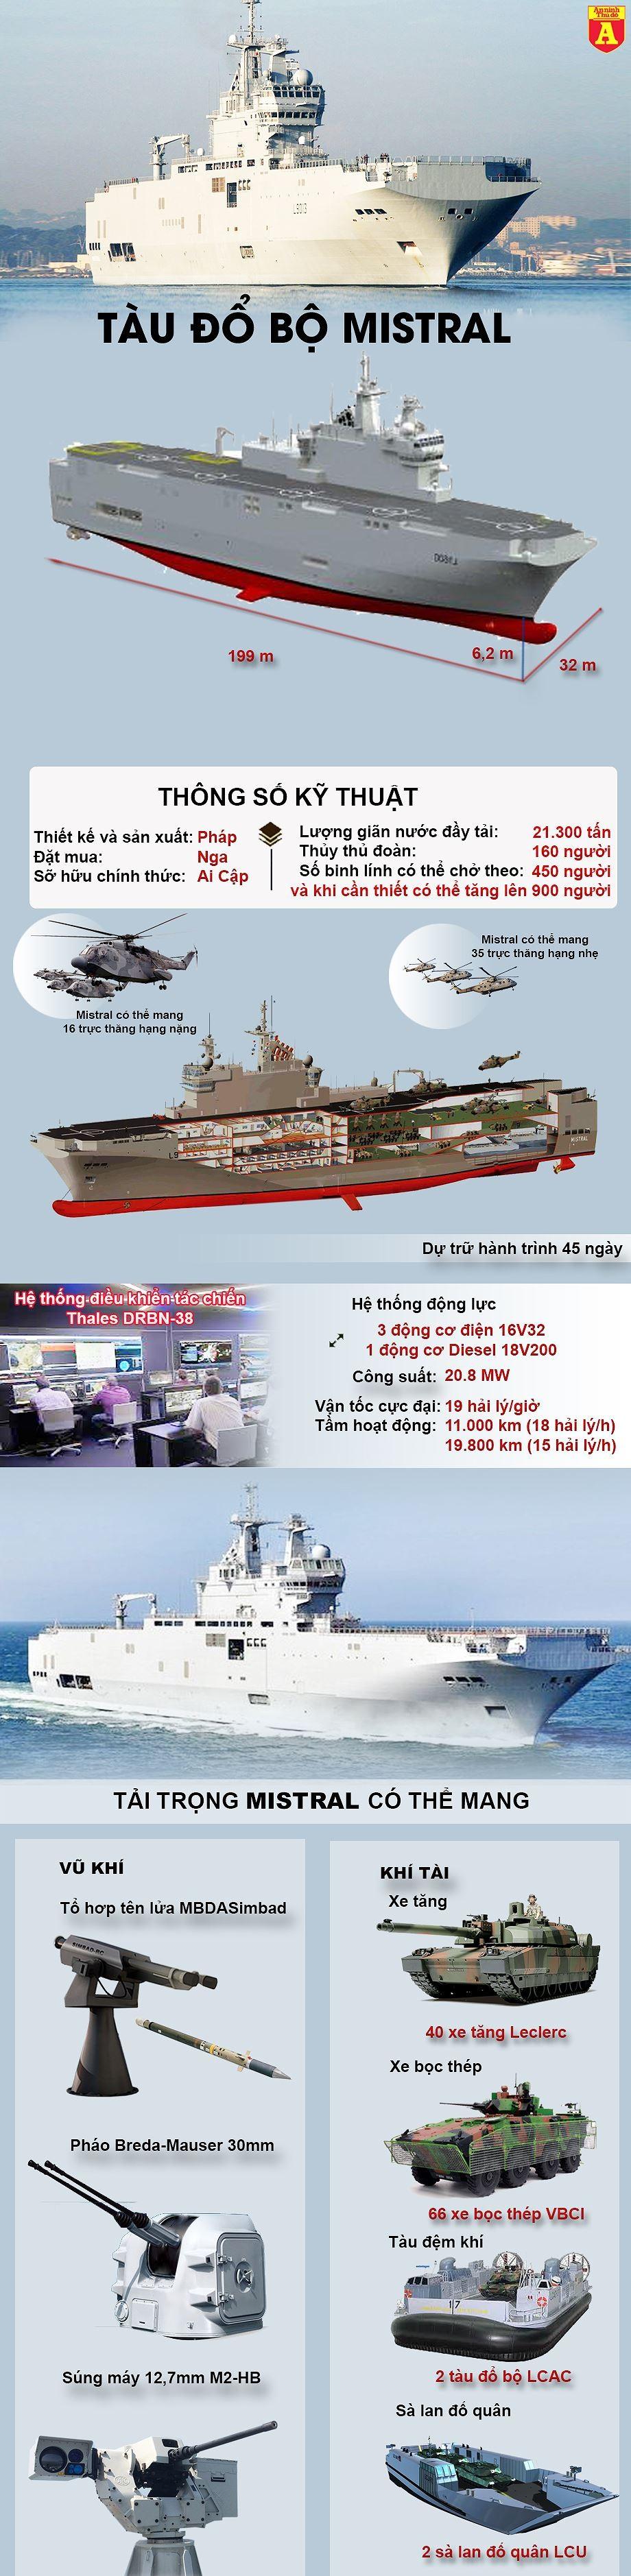 [ĐỒ HỌA] Pháp đưa siêu chiến hạm tới bảo đảm tự do hàng hải trên Biển Đông ảnh 2